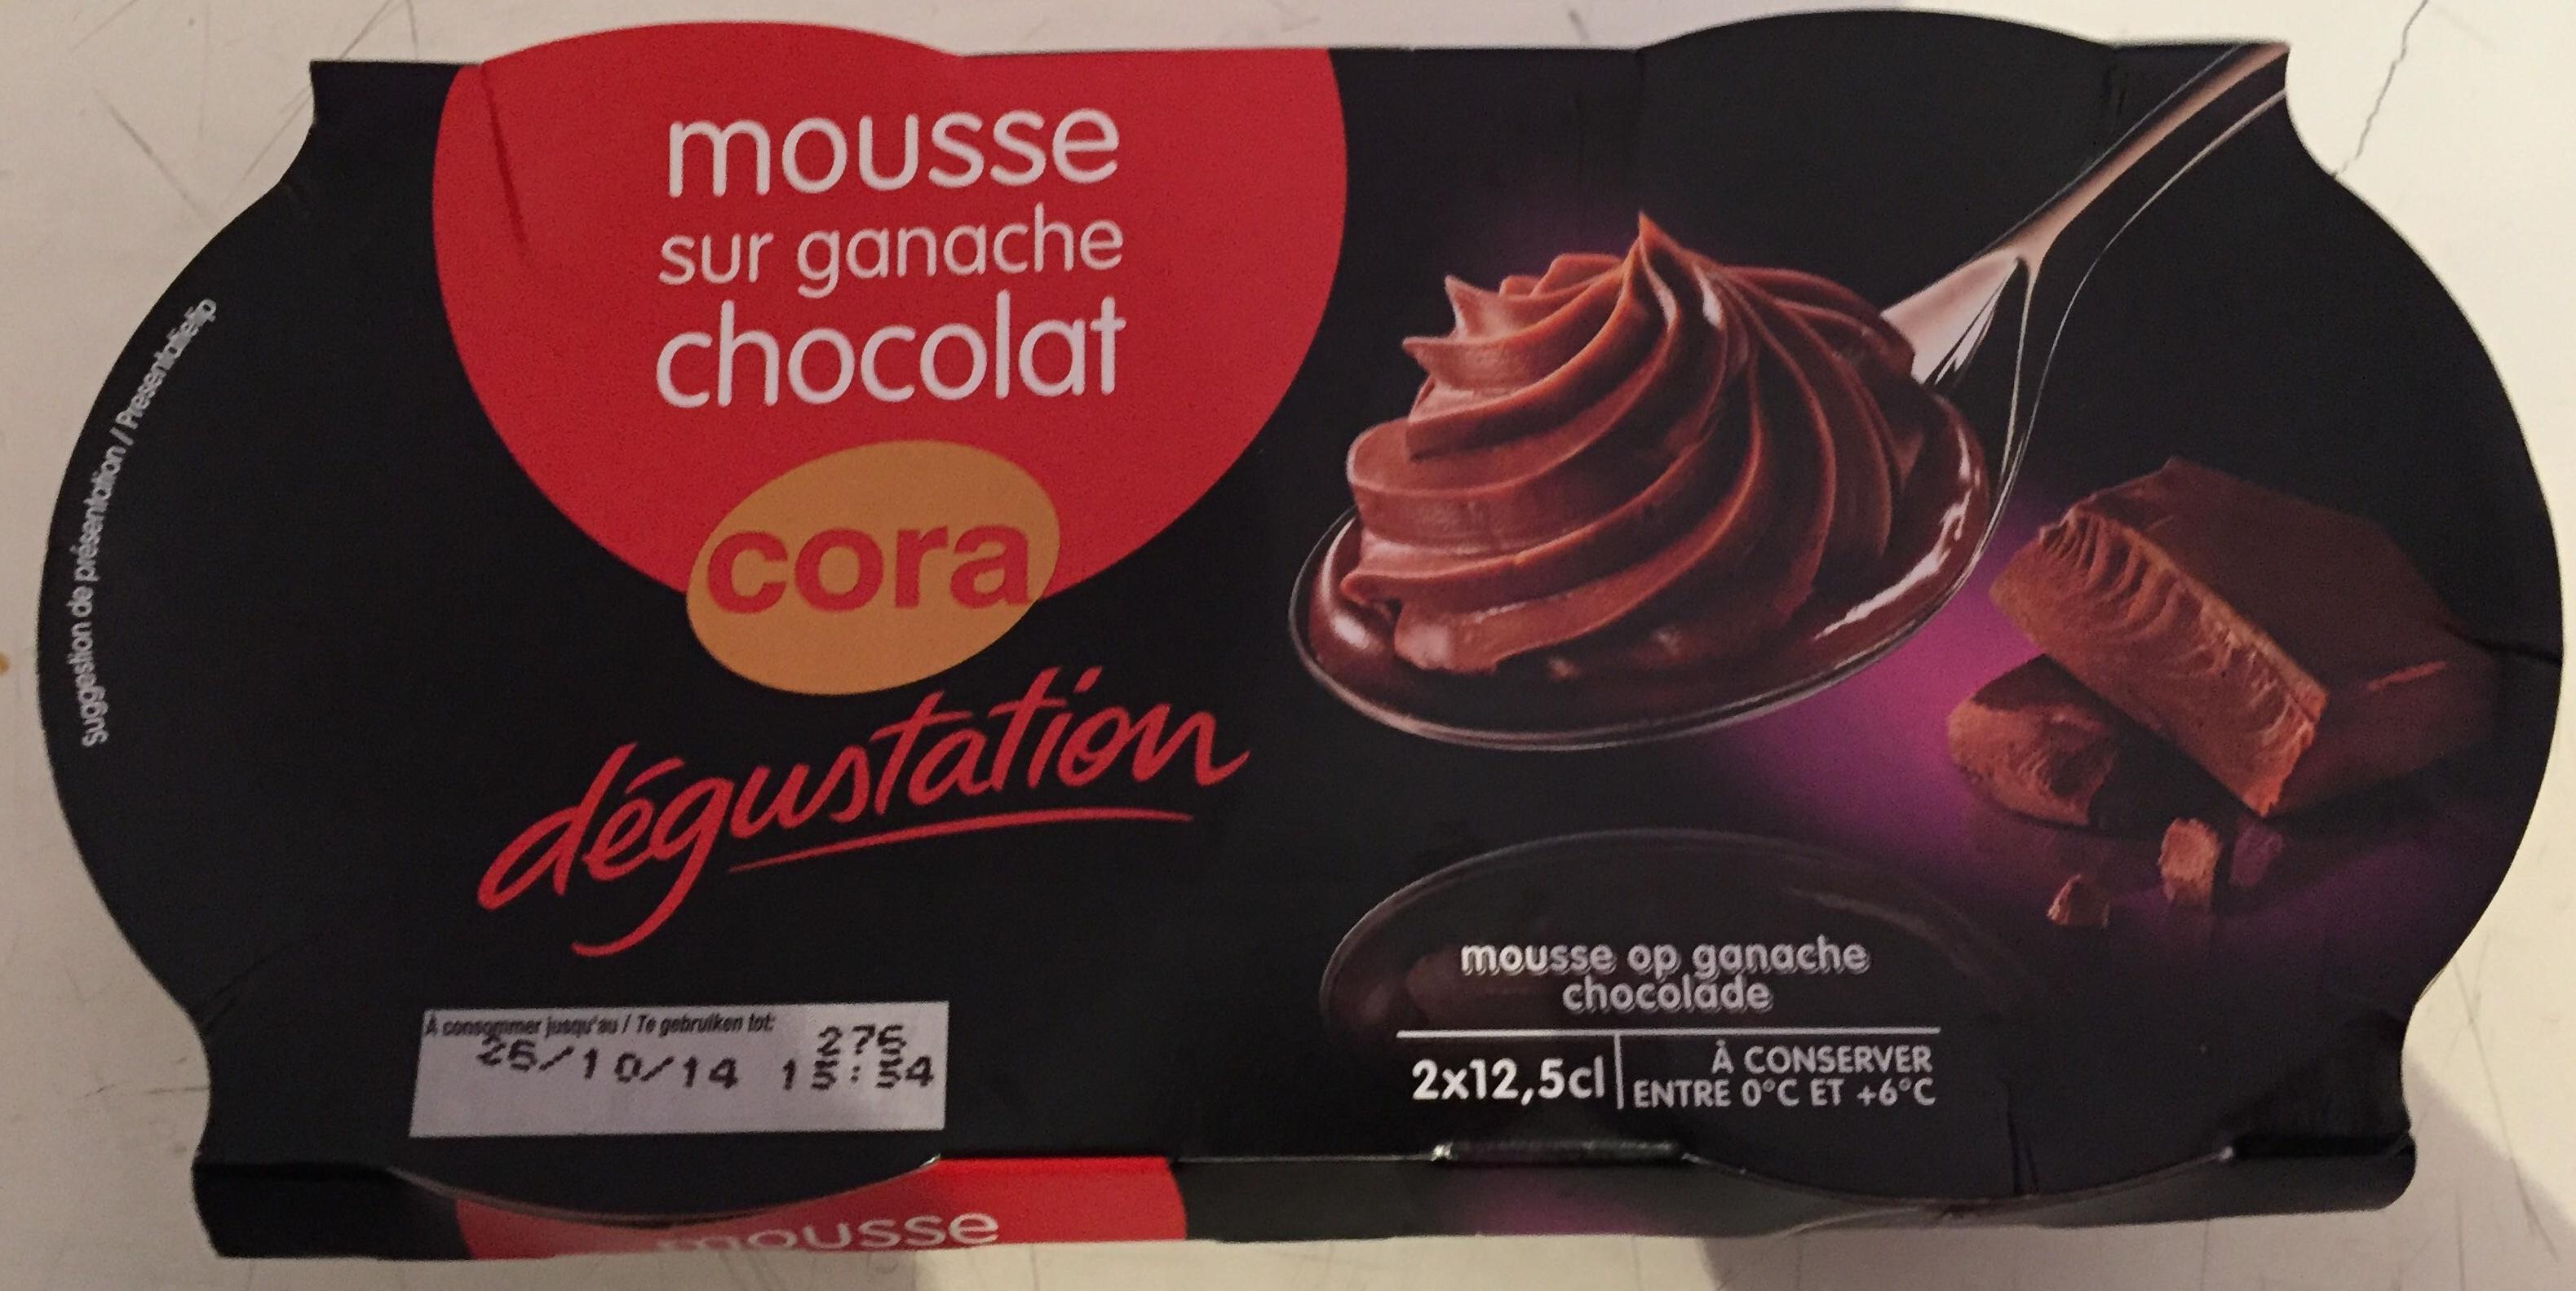 Mousse sur ganache chocolat - Product - fr